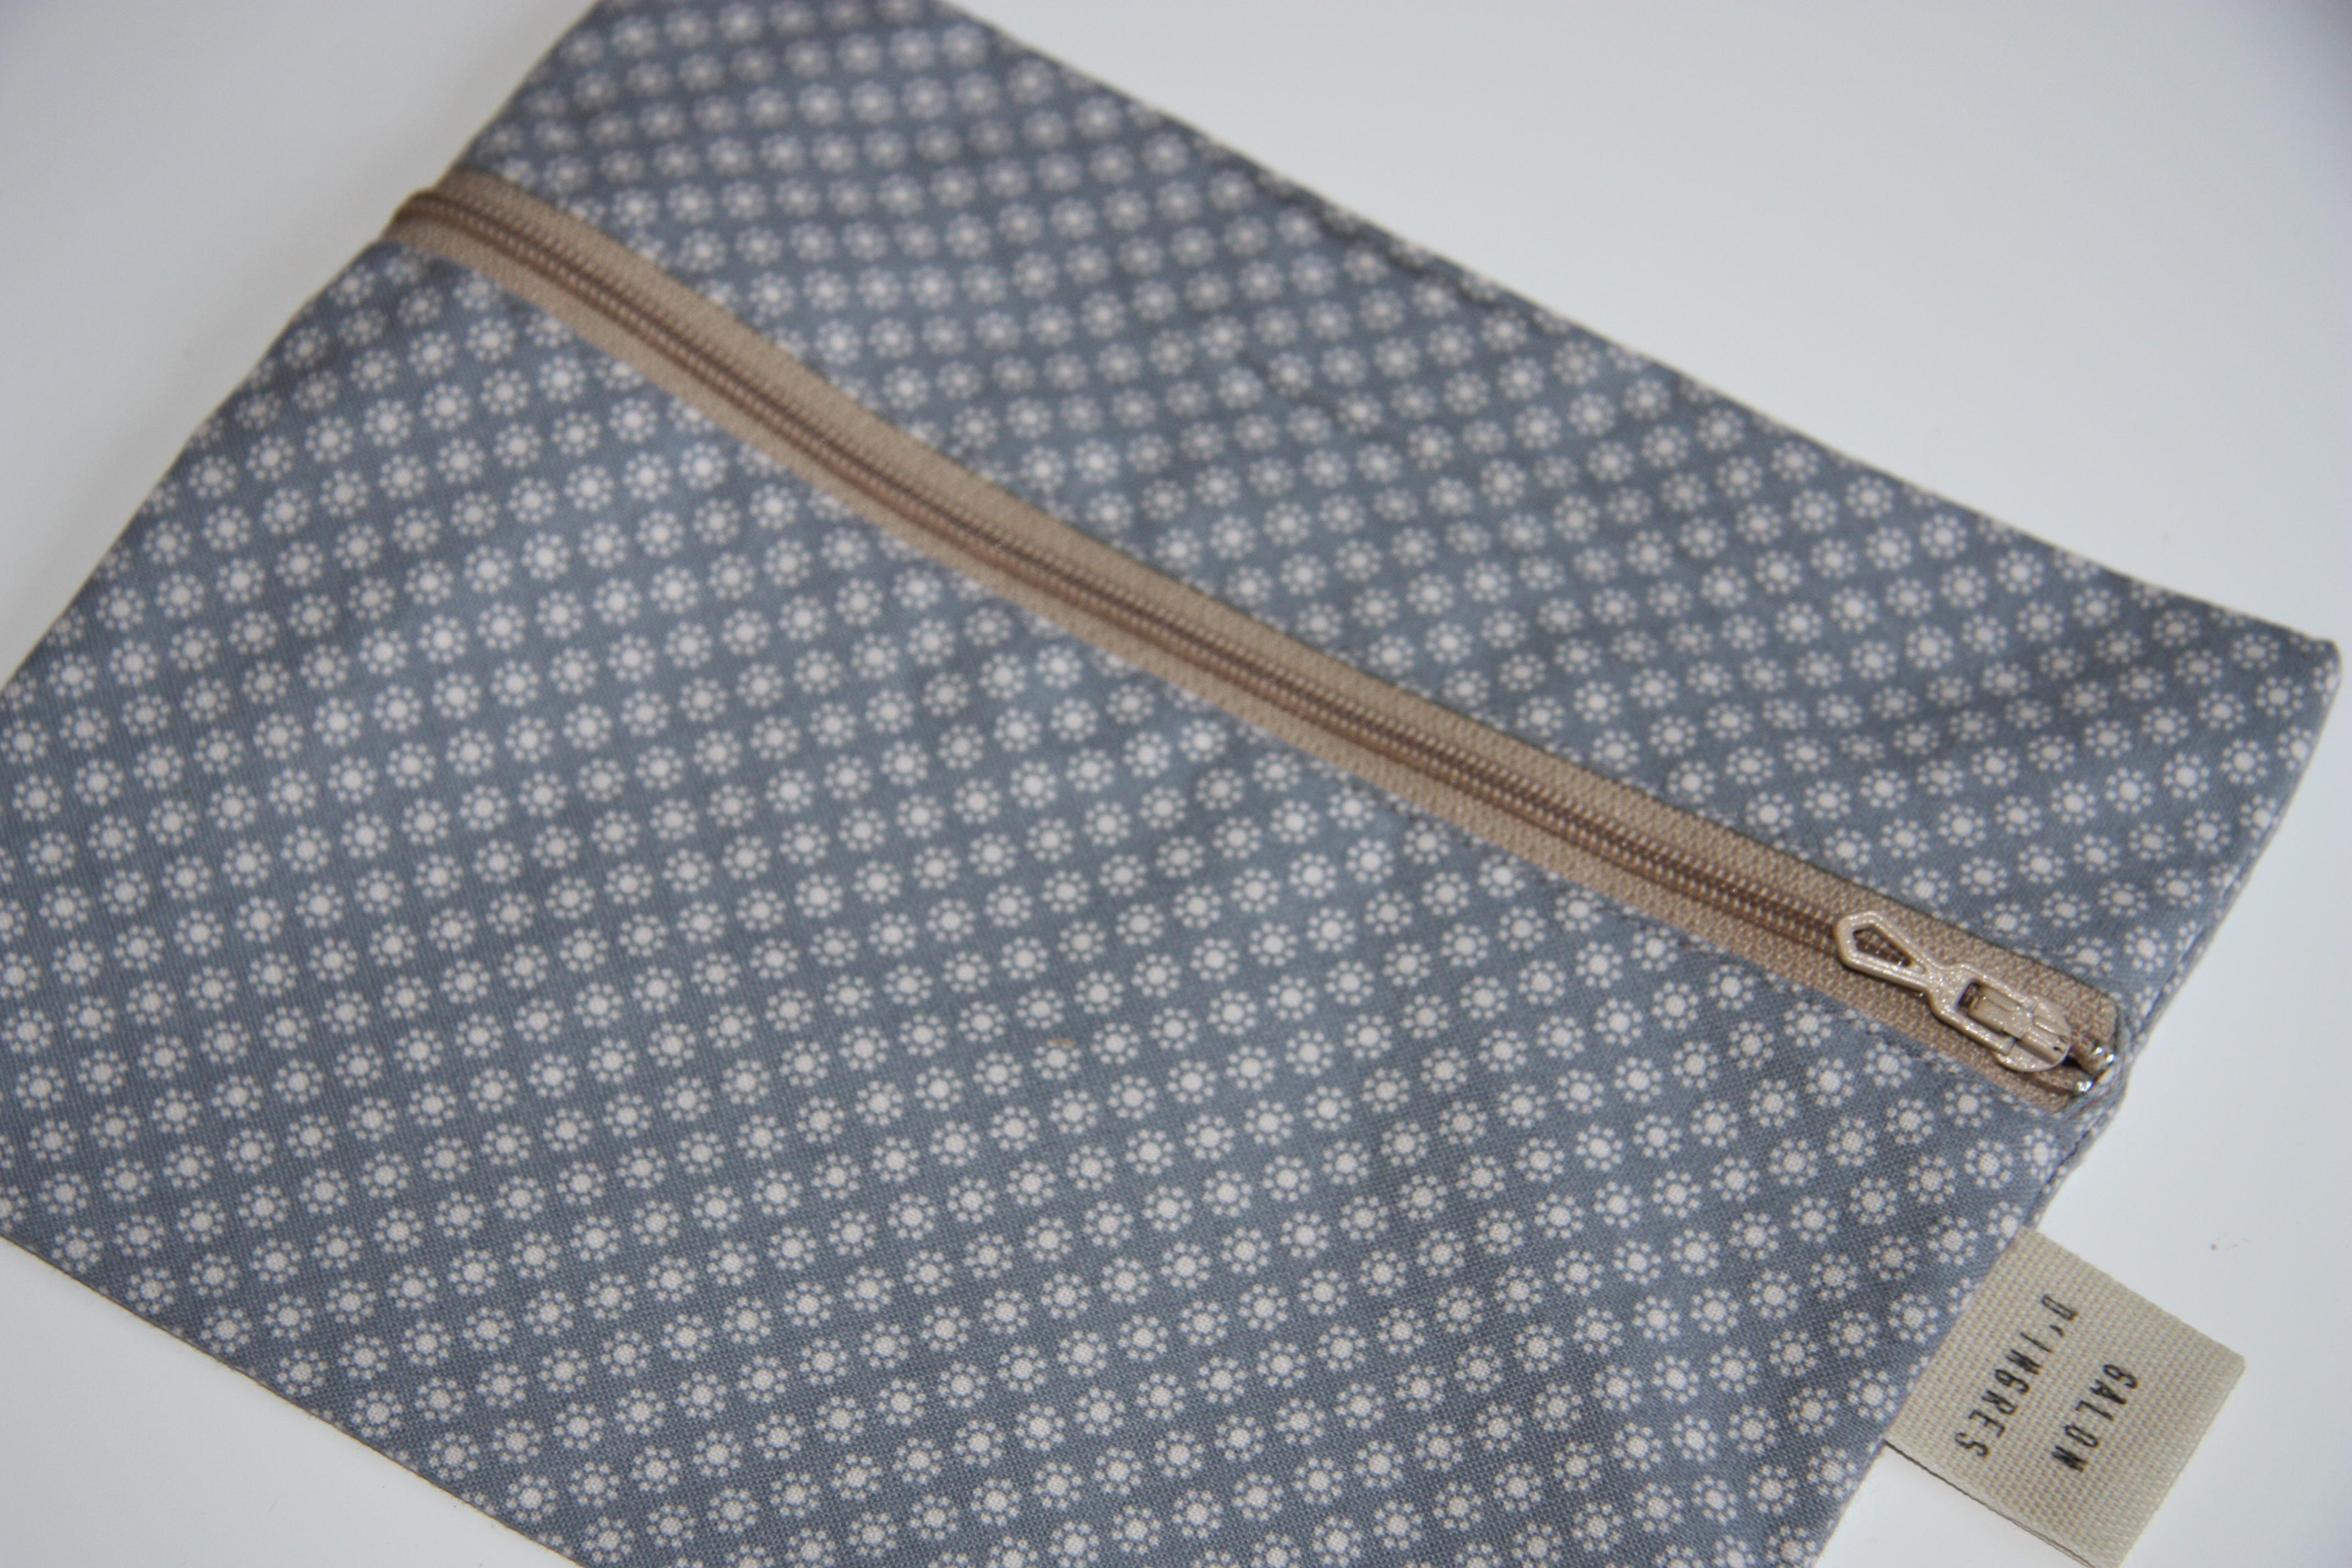 Trousse plate en coton Tilda @galondingres